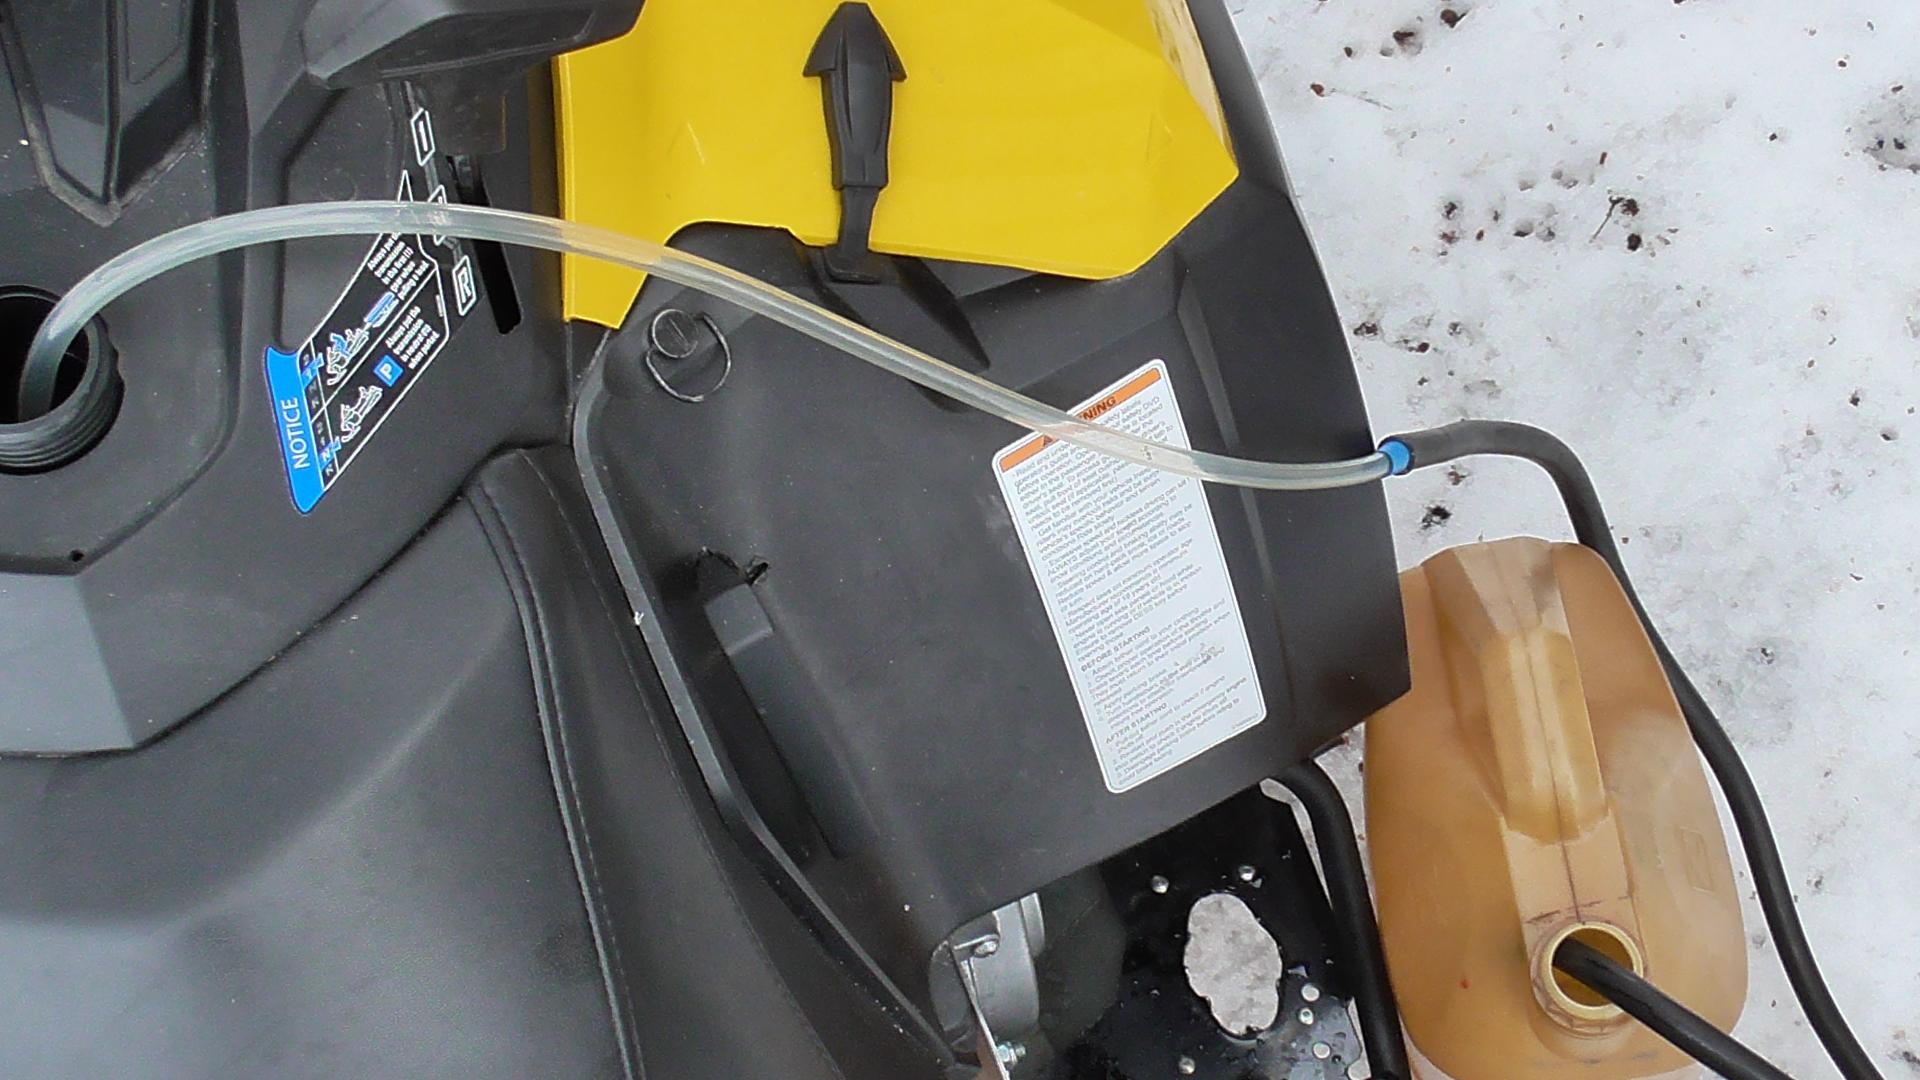 скандик 550 2012 год инструкция